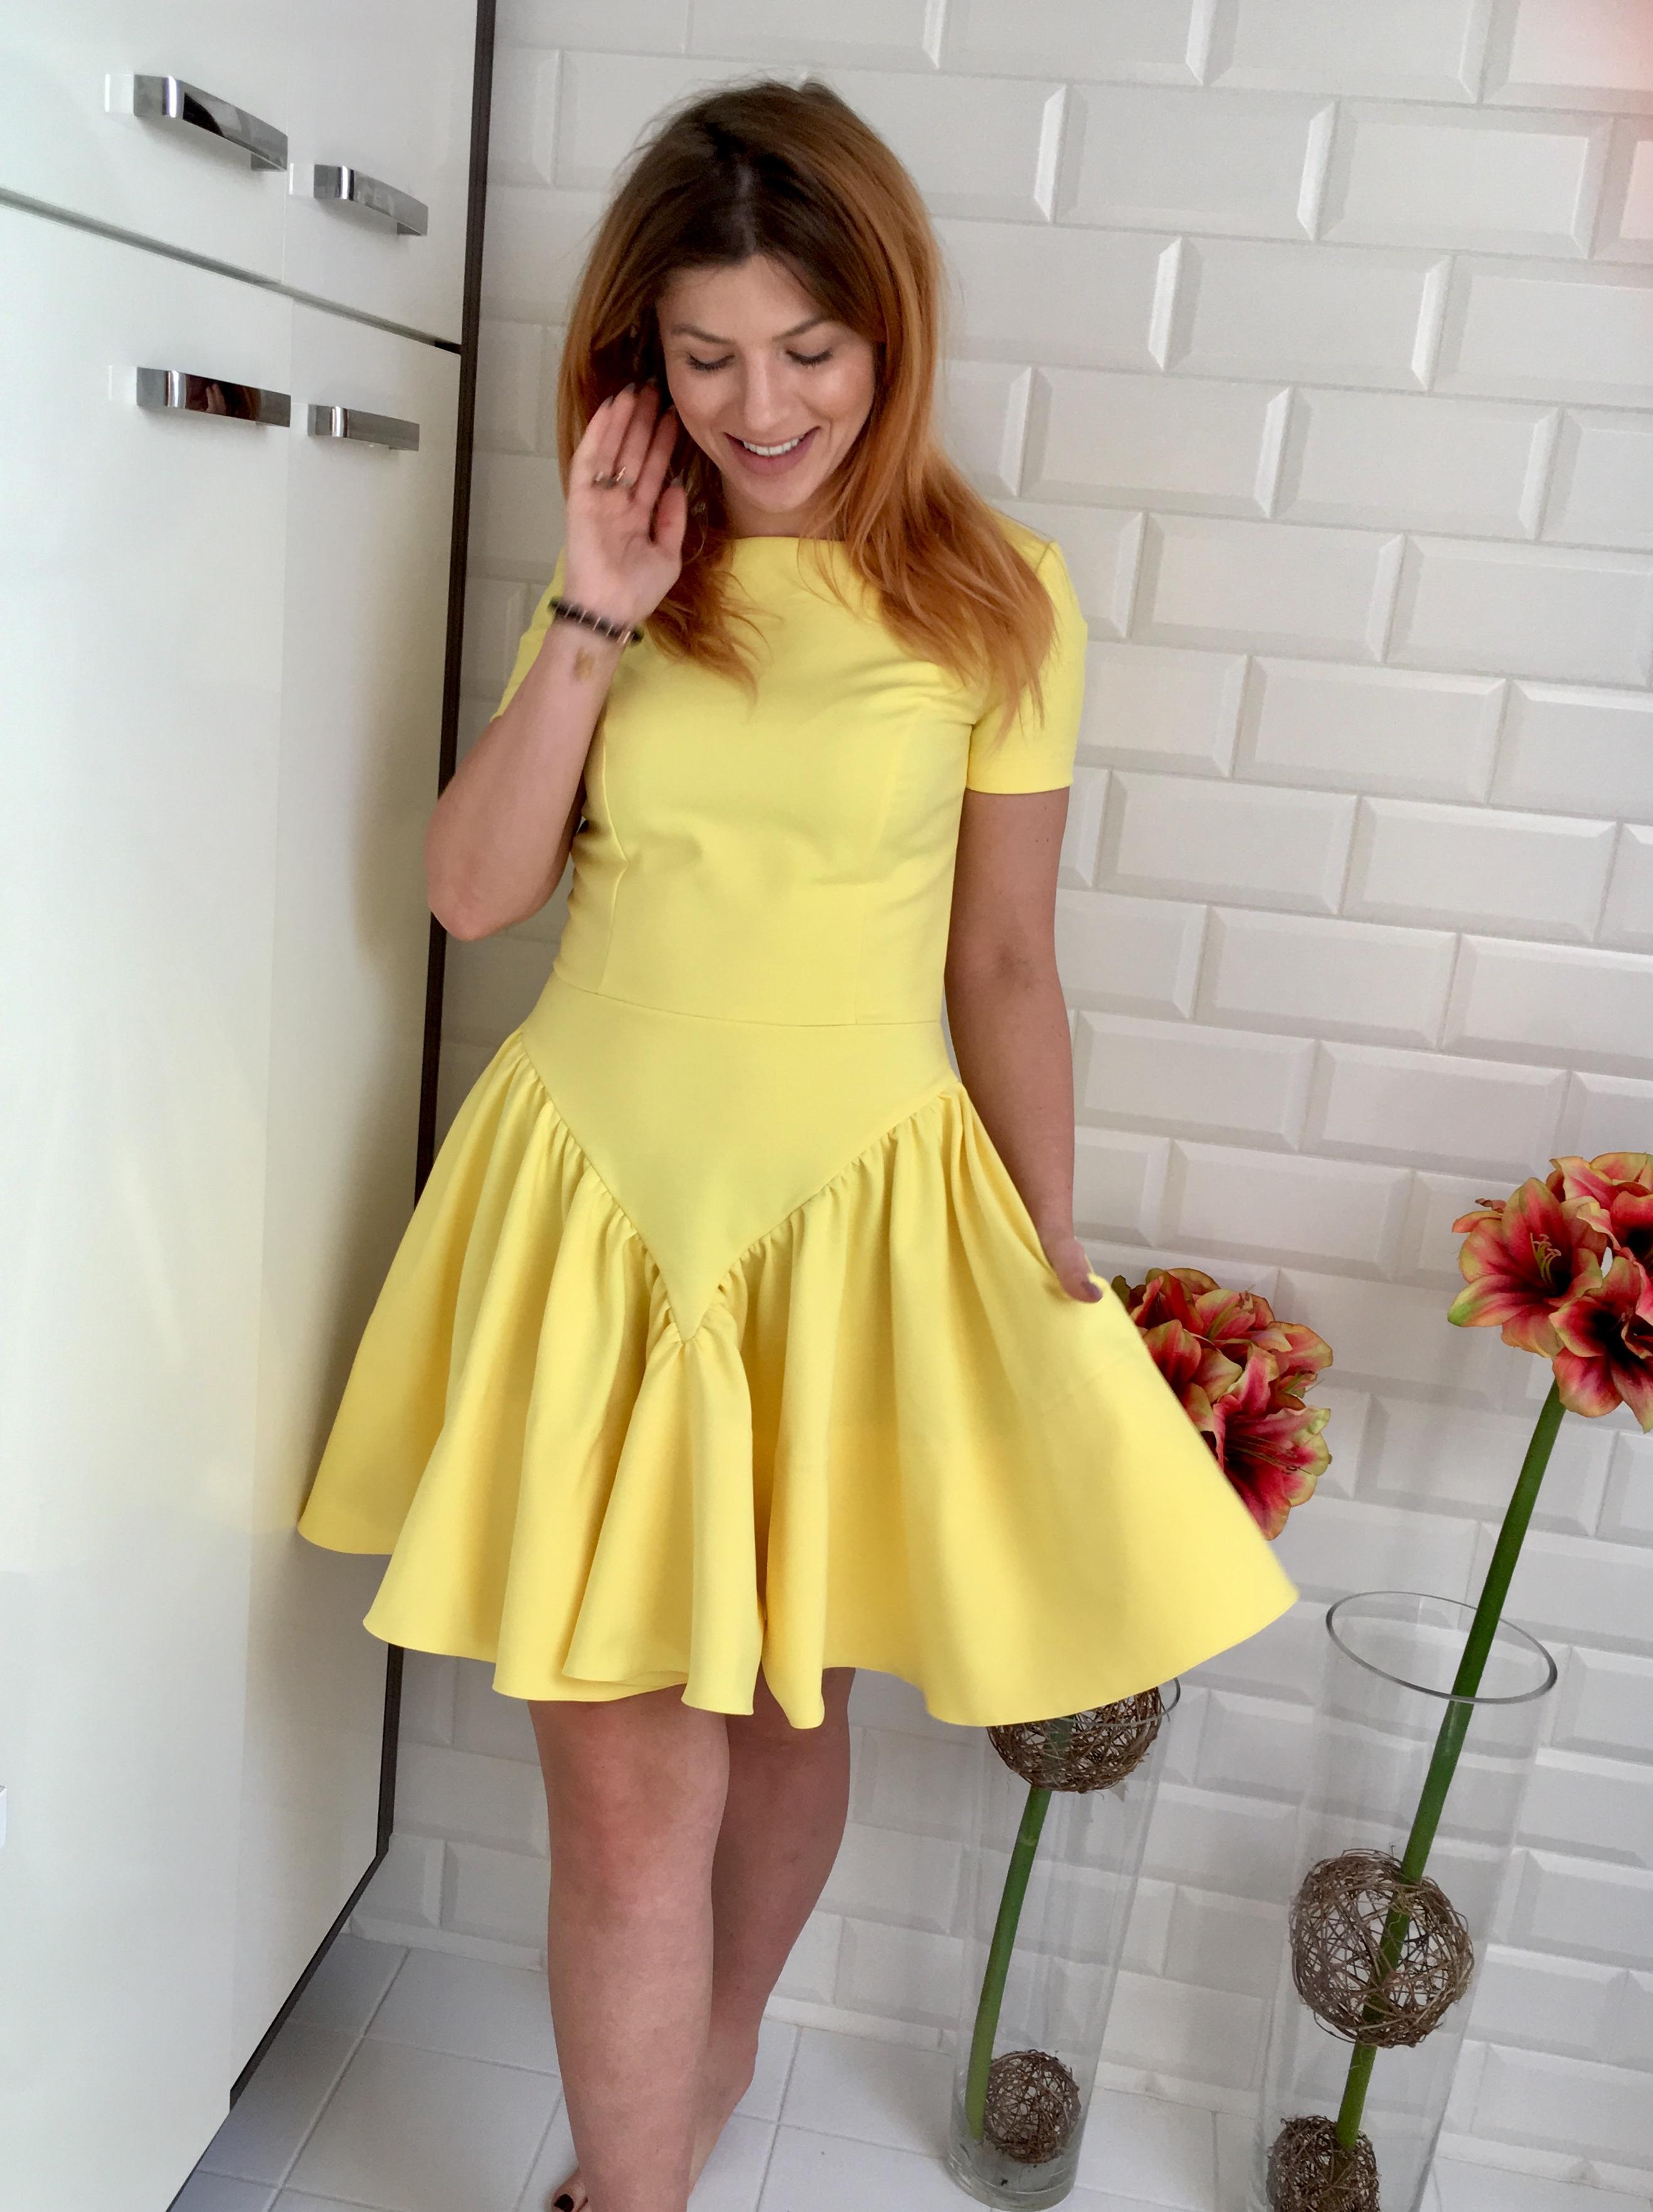 e4e1fe7762 Żółta rozkloszowana sukienka FLOWER z krótkim rękawem by Swing.  IMG 3544.jpg. IMG 3544.jpg · IMG 3551.jpg